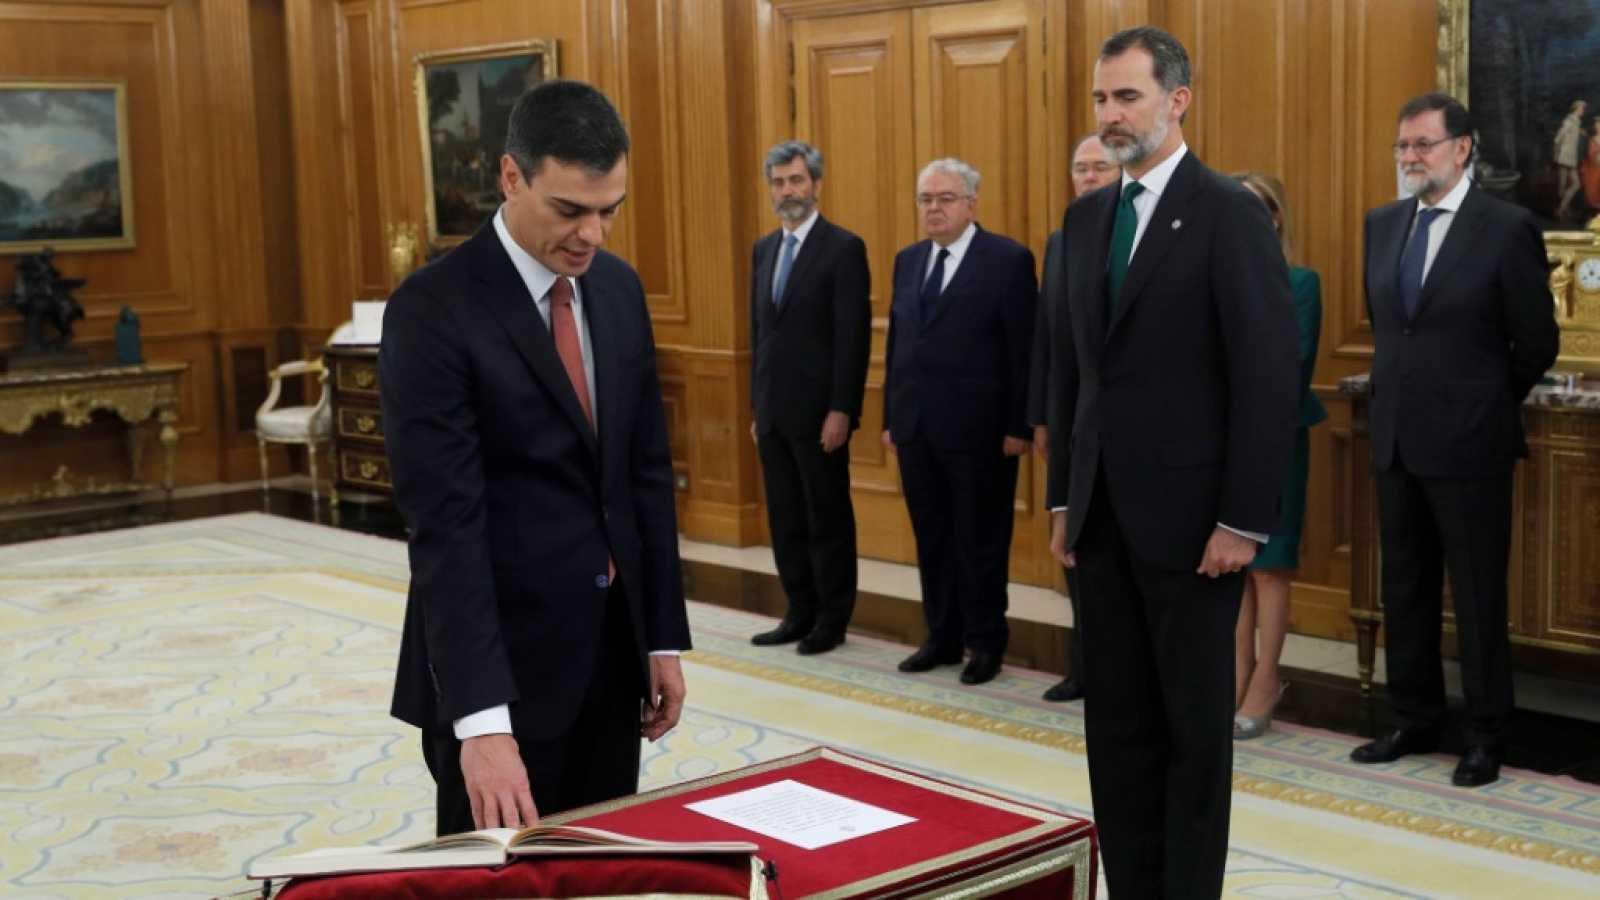 Le PSOE au pouvoir : un puzzle aux pièces incompatibles